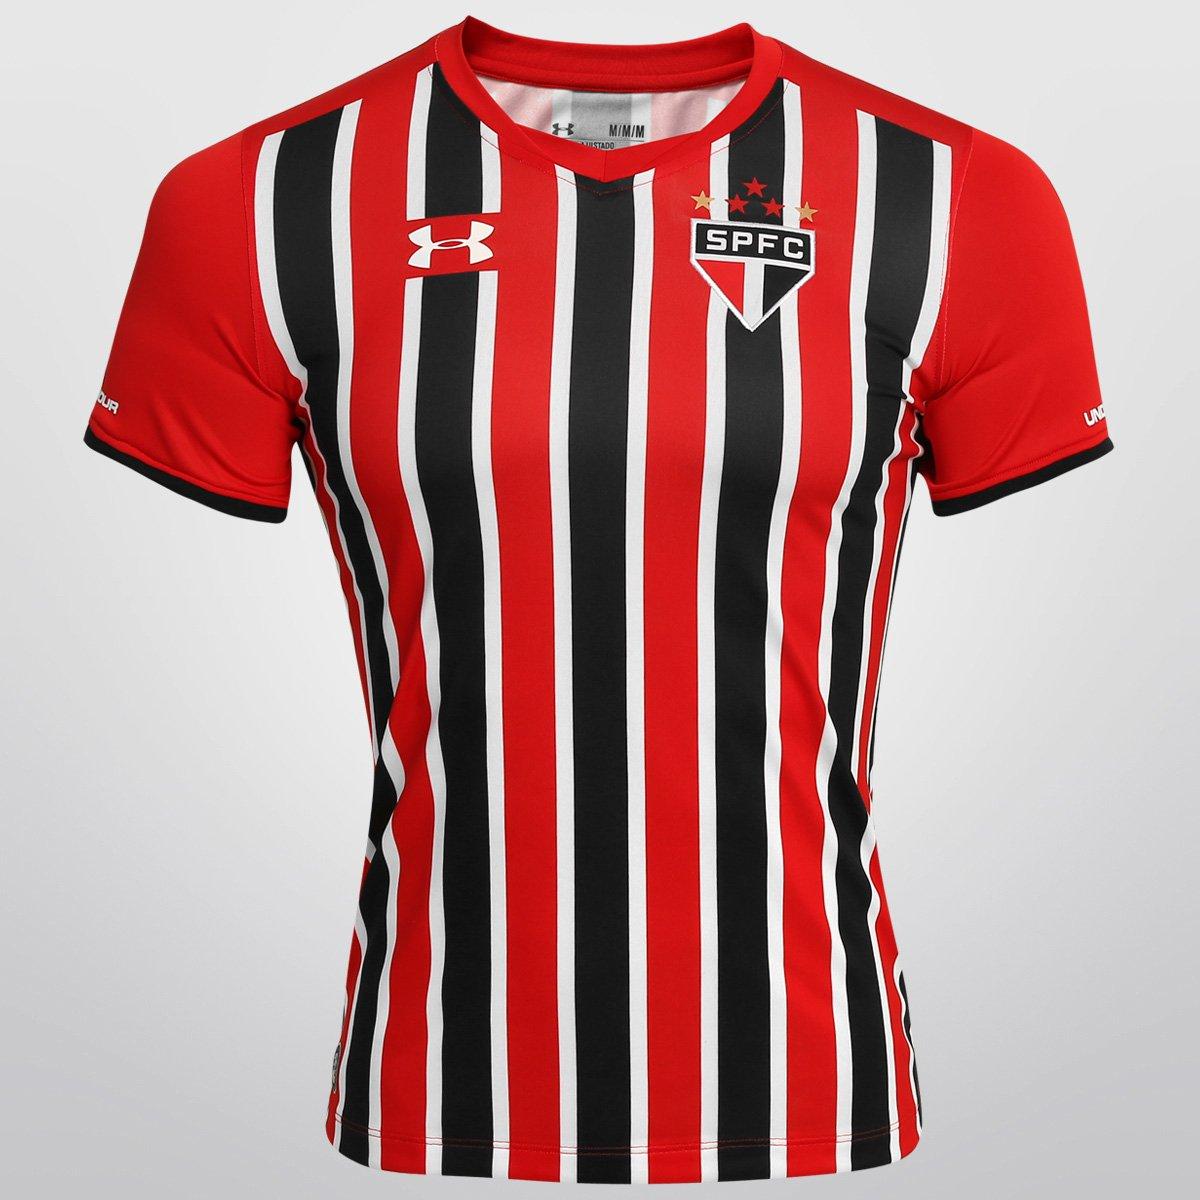 6ff5c0cb531 Camisa São Paulo II 15 16 s n°- Torcedor Under Armour Feminina - Compre  Agora